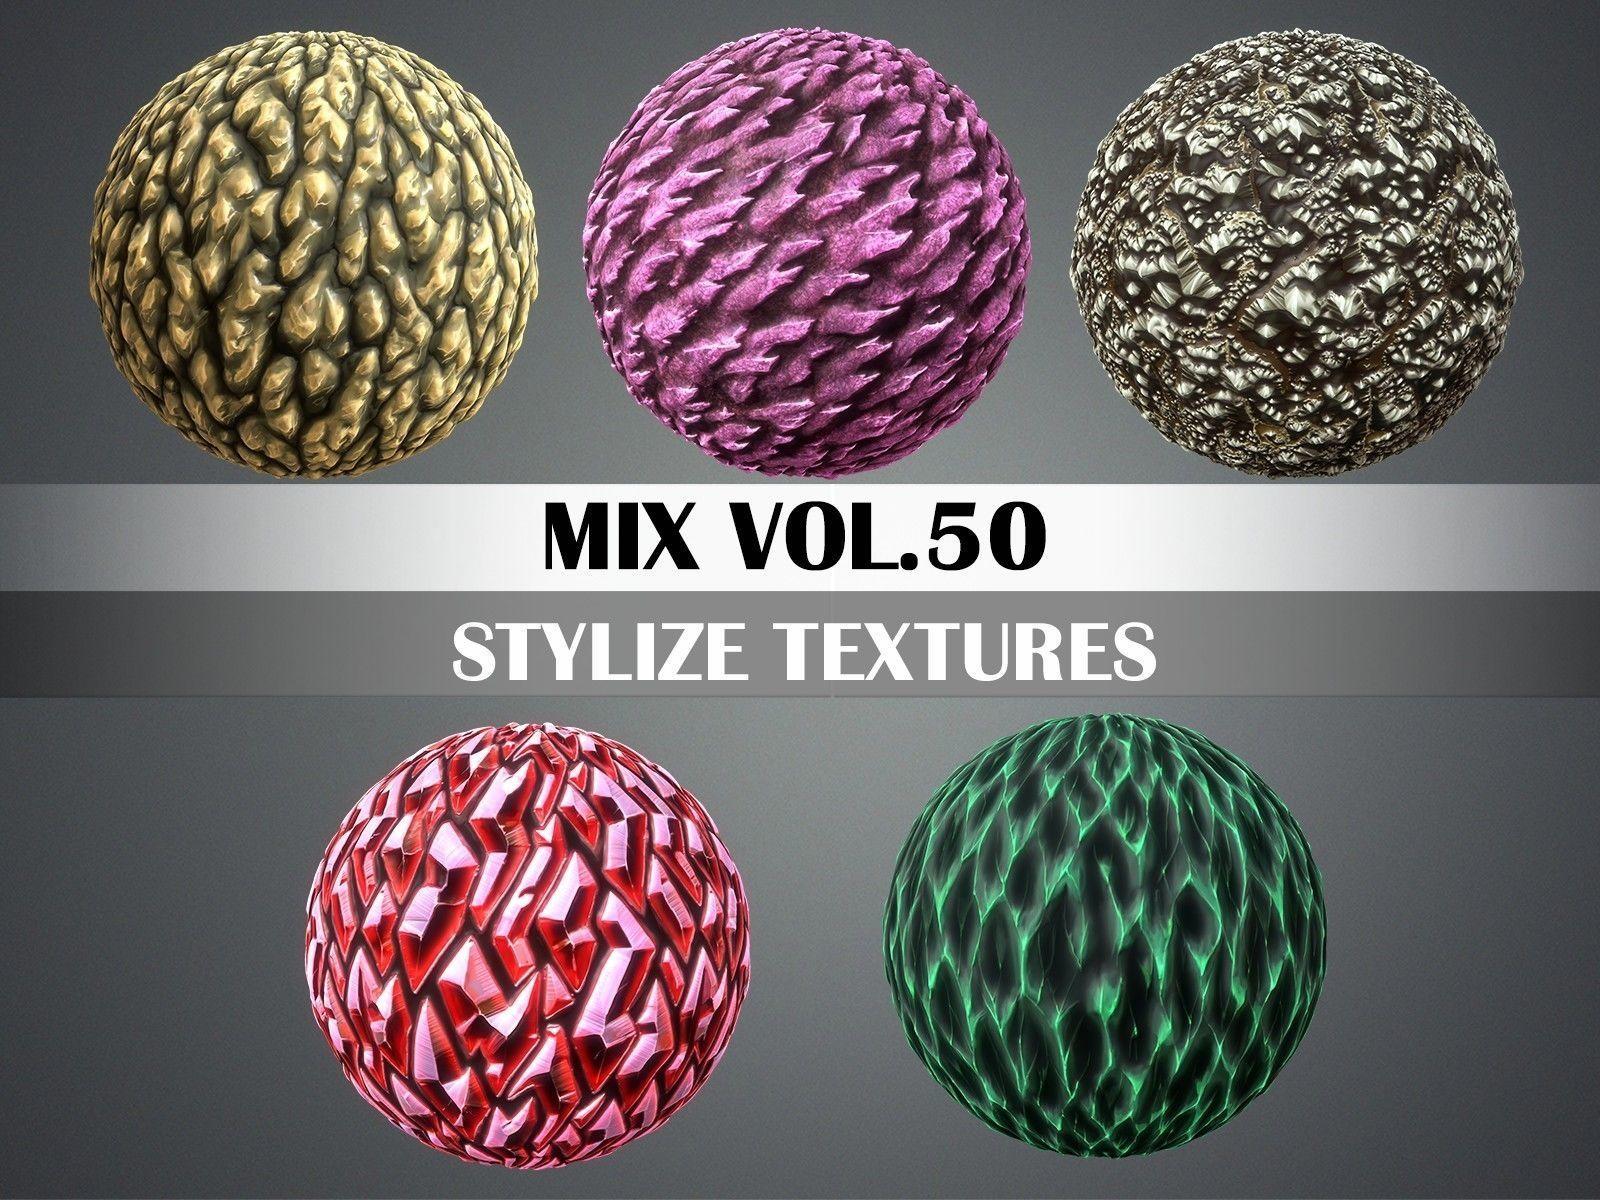 Walls Vol 50 - Game PBR Textures